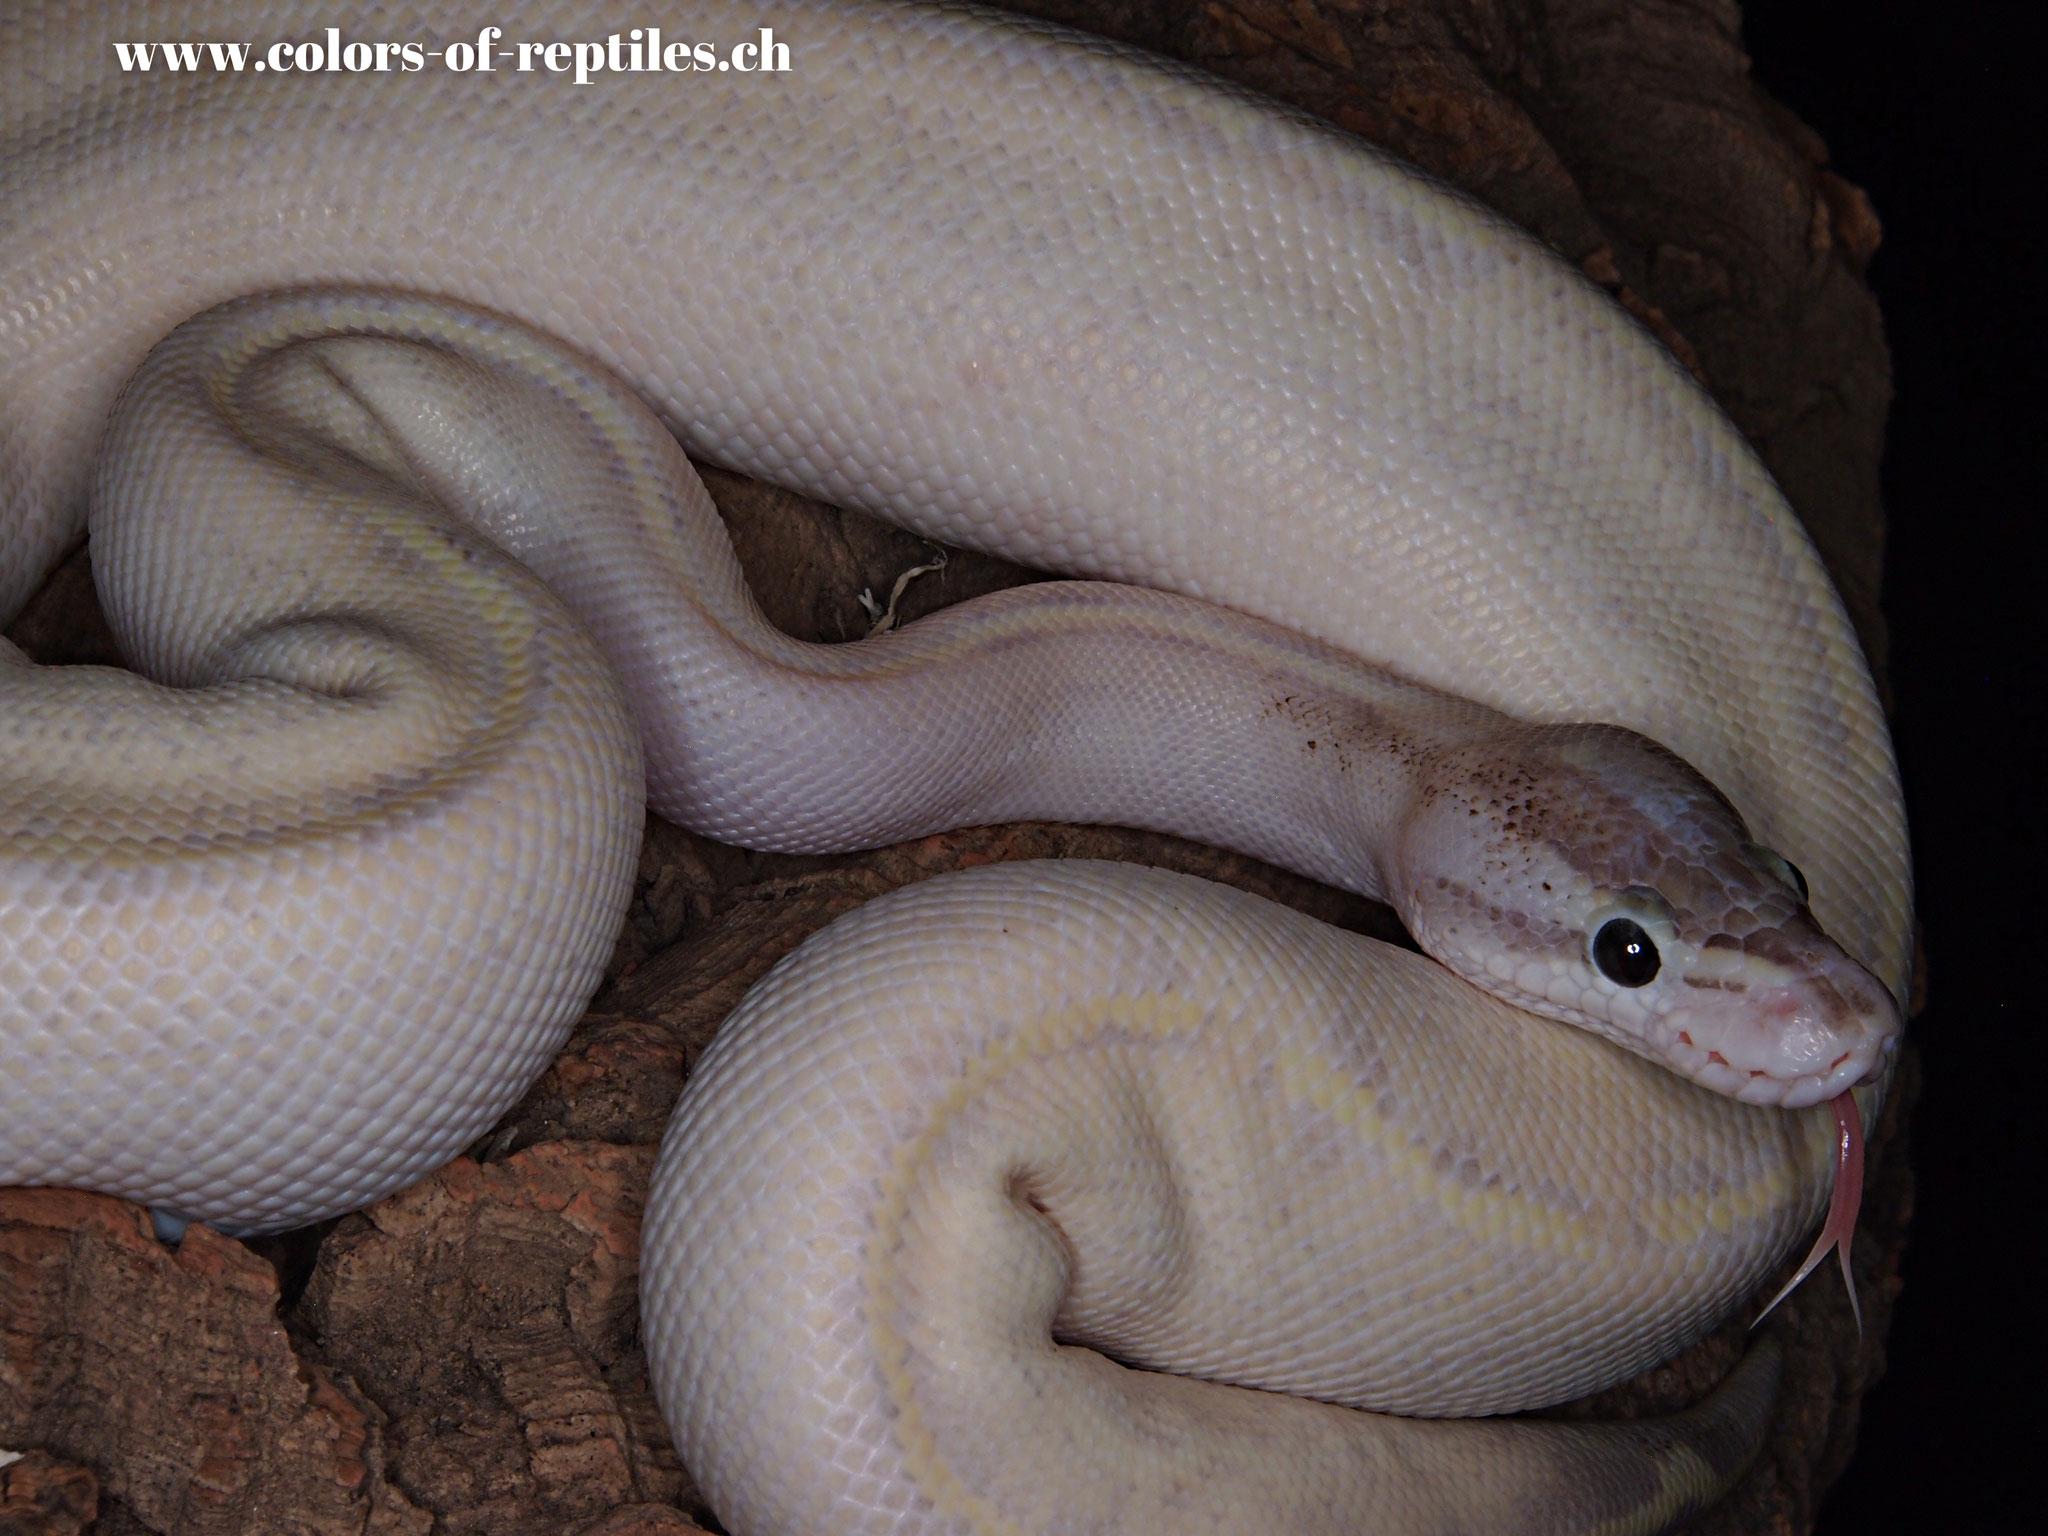 Königspython - Python regius (Ivory / Phantom)